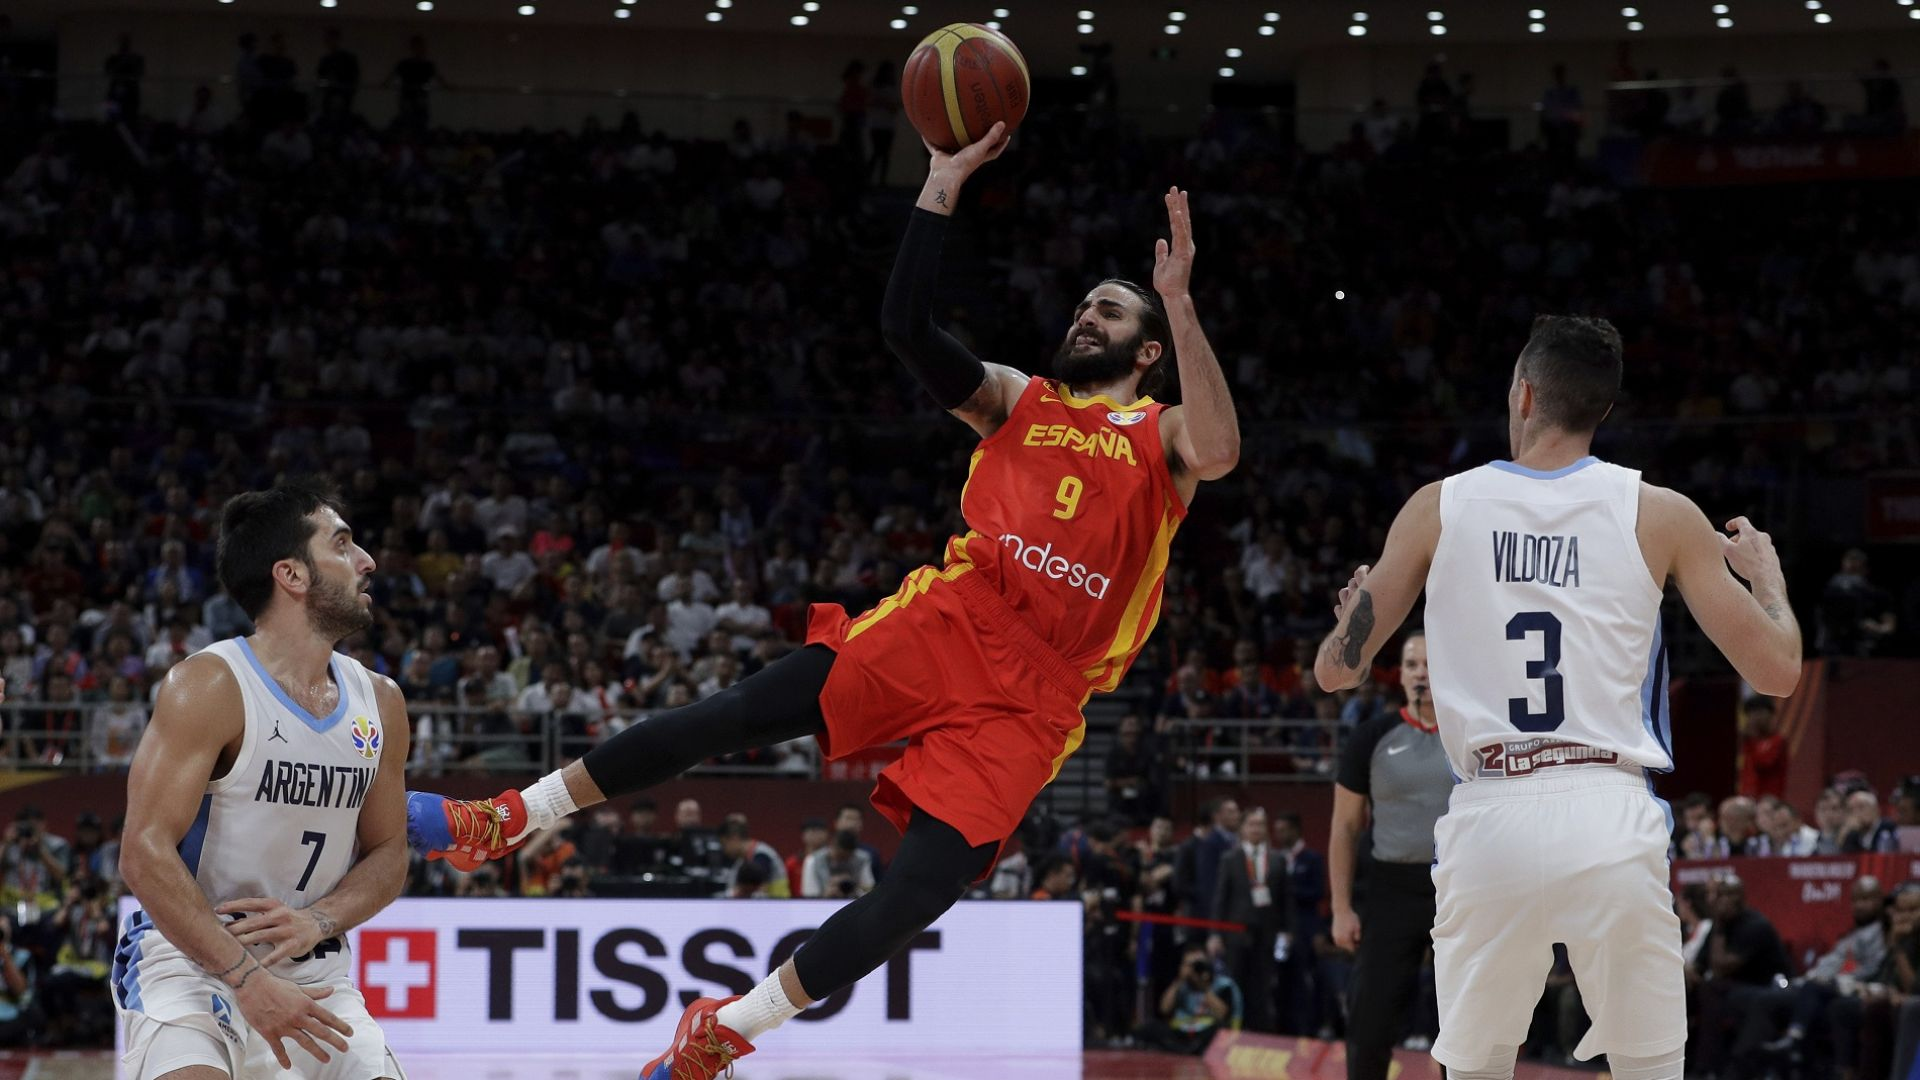 Испания е баскетболният крал на света